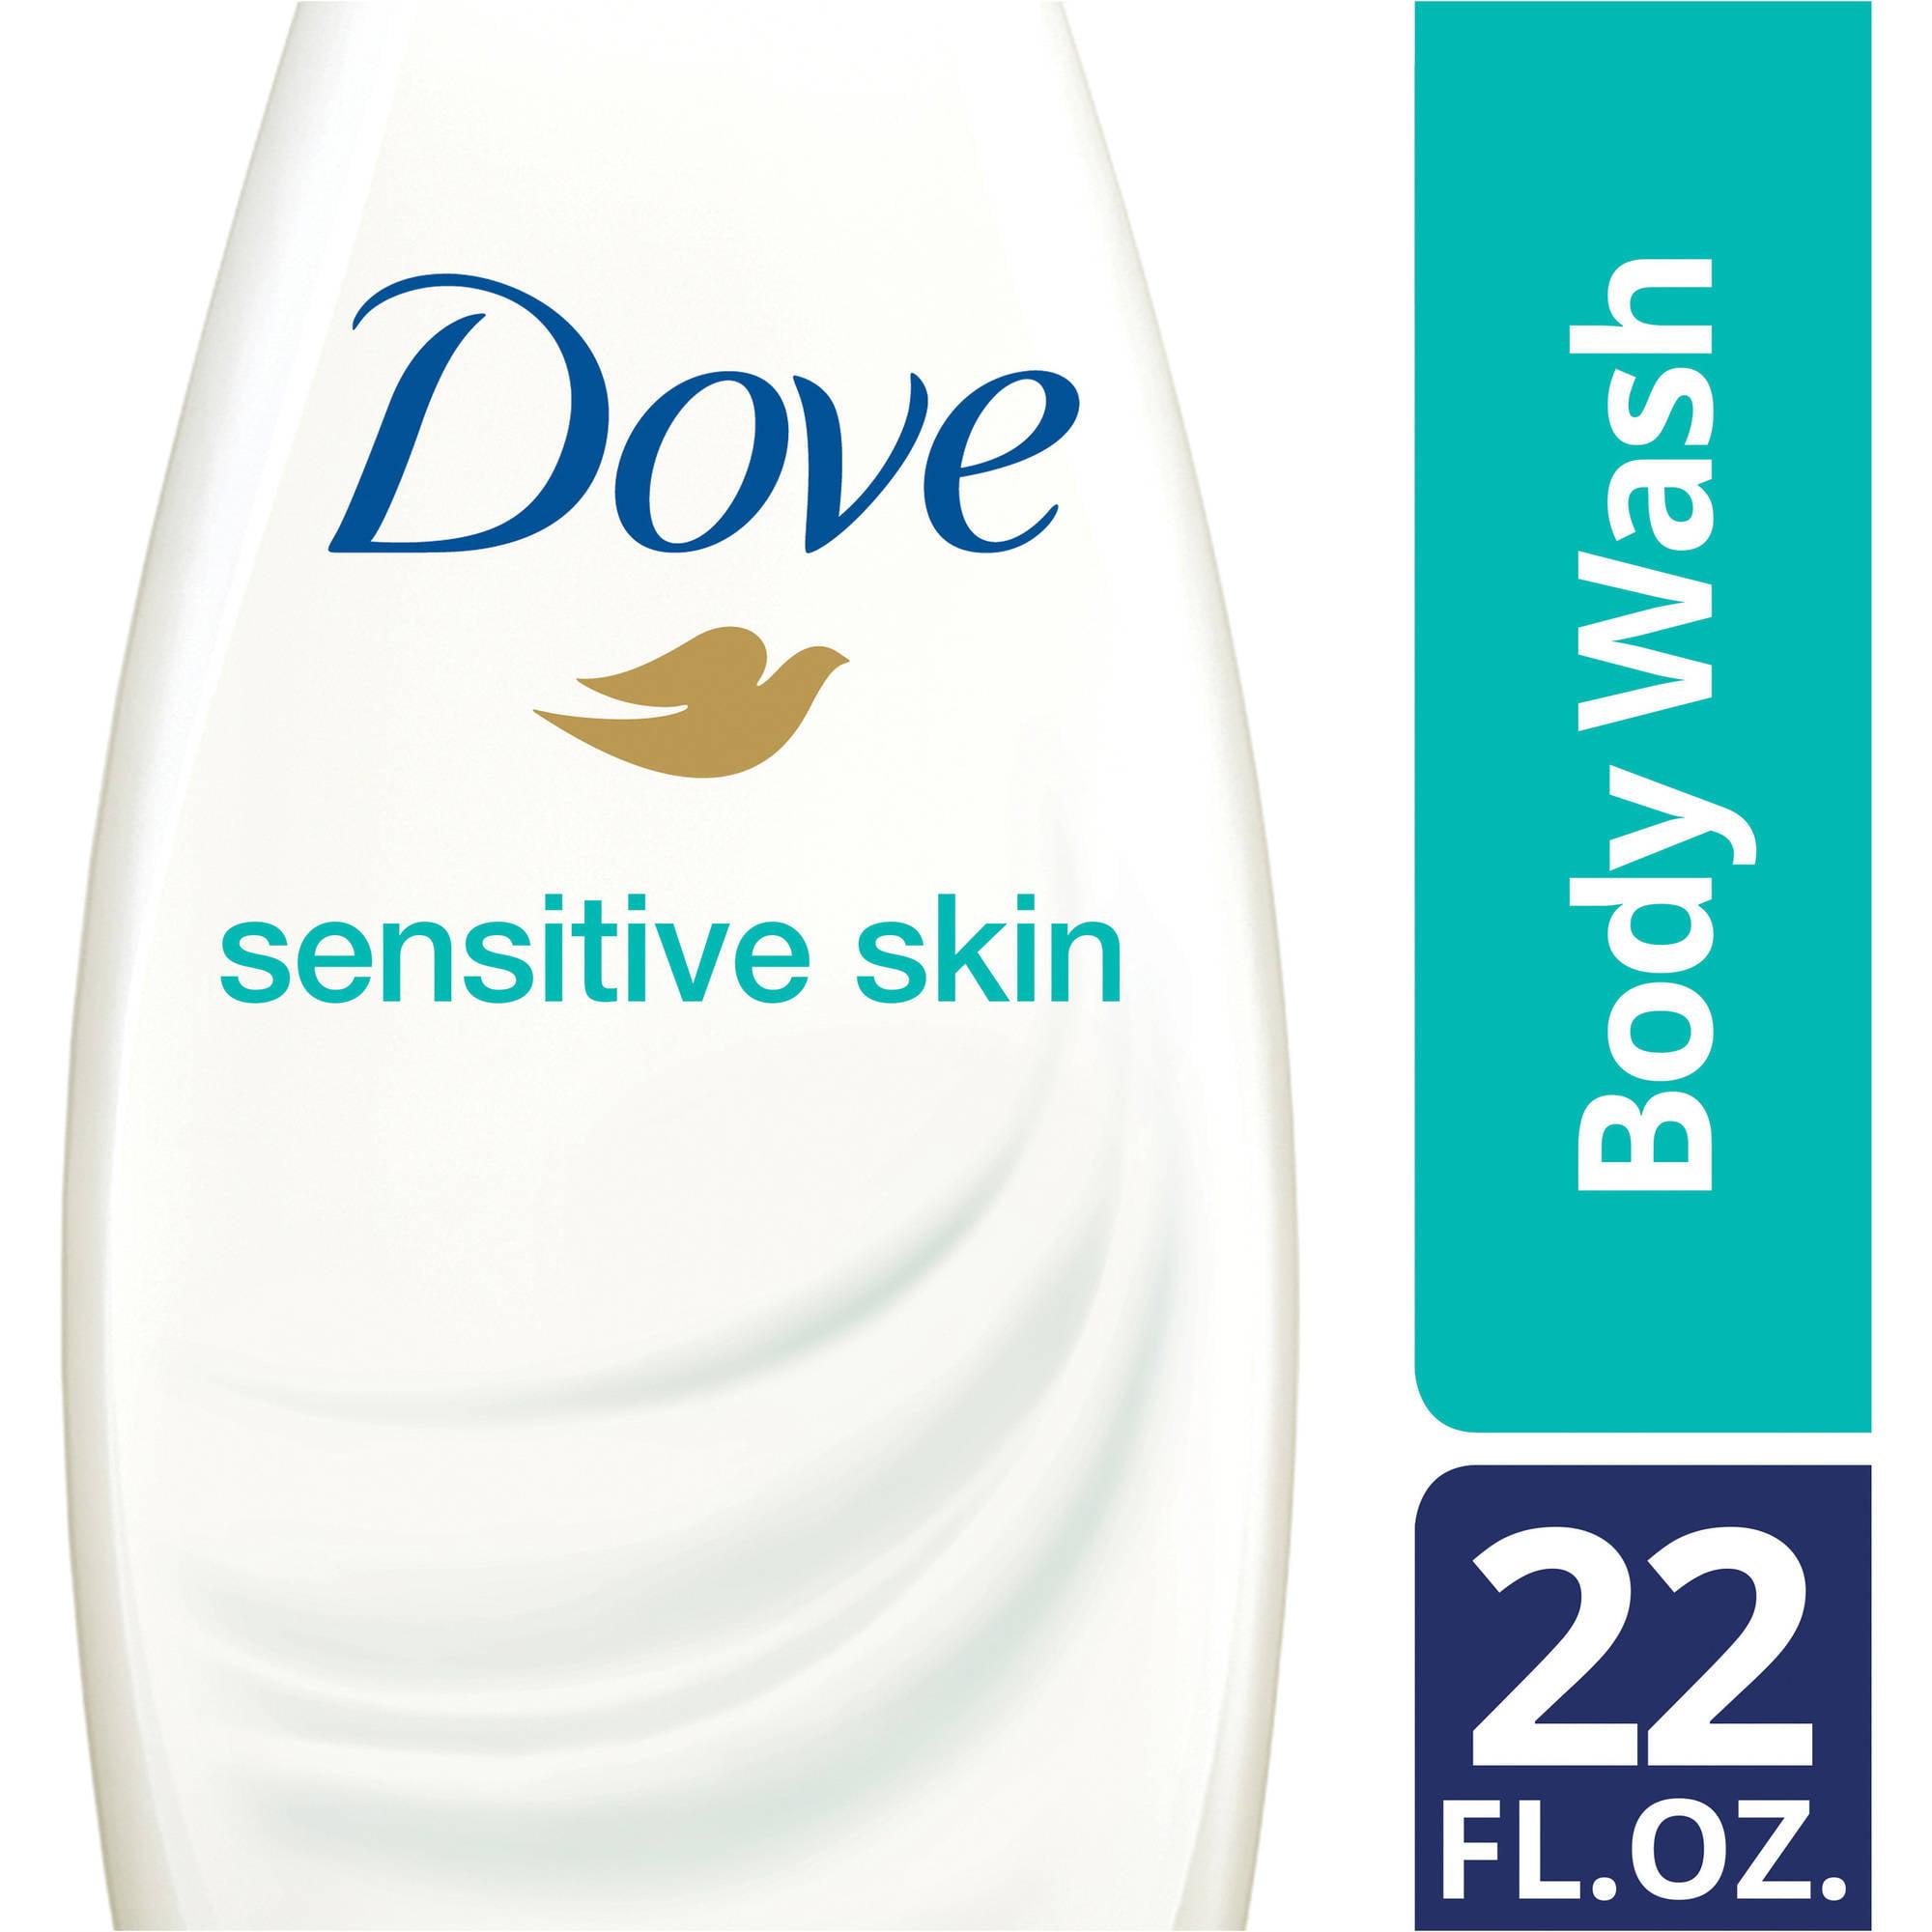 Dove Sensitive Skin Body Wash, 22 oz